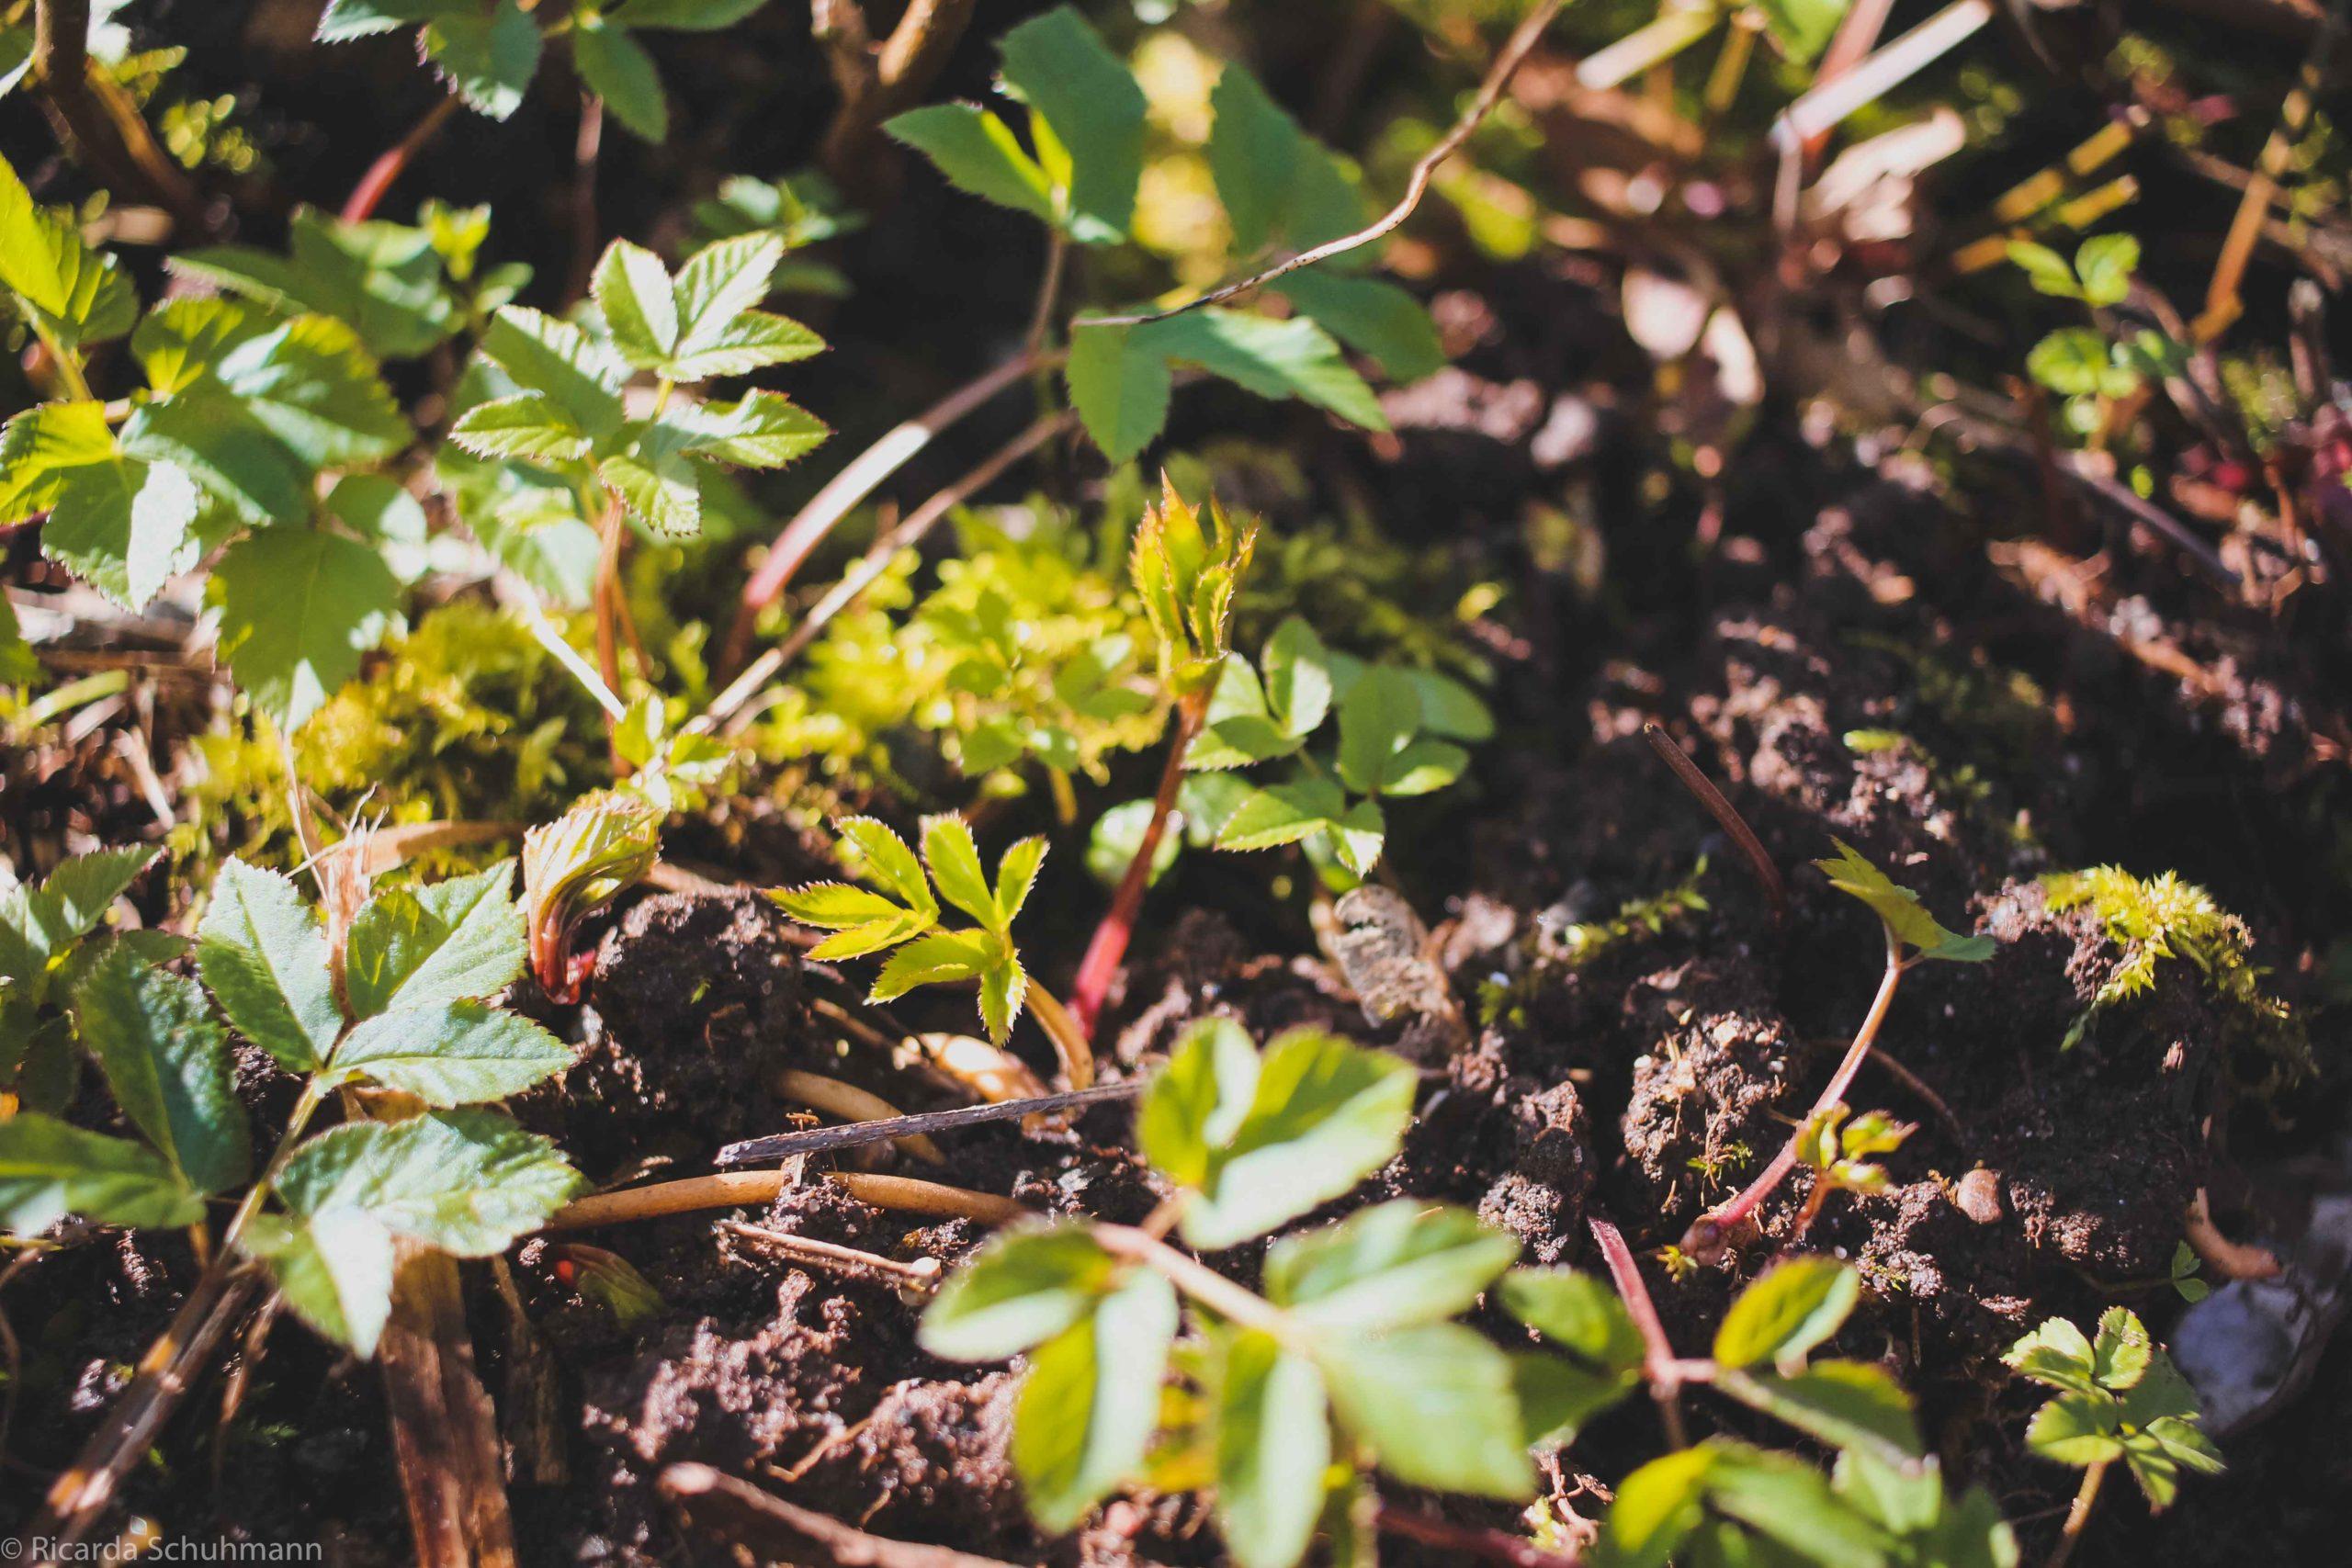 Gewöhnlicher Giersch wächst als Wildkraut in der Natur